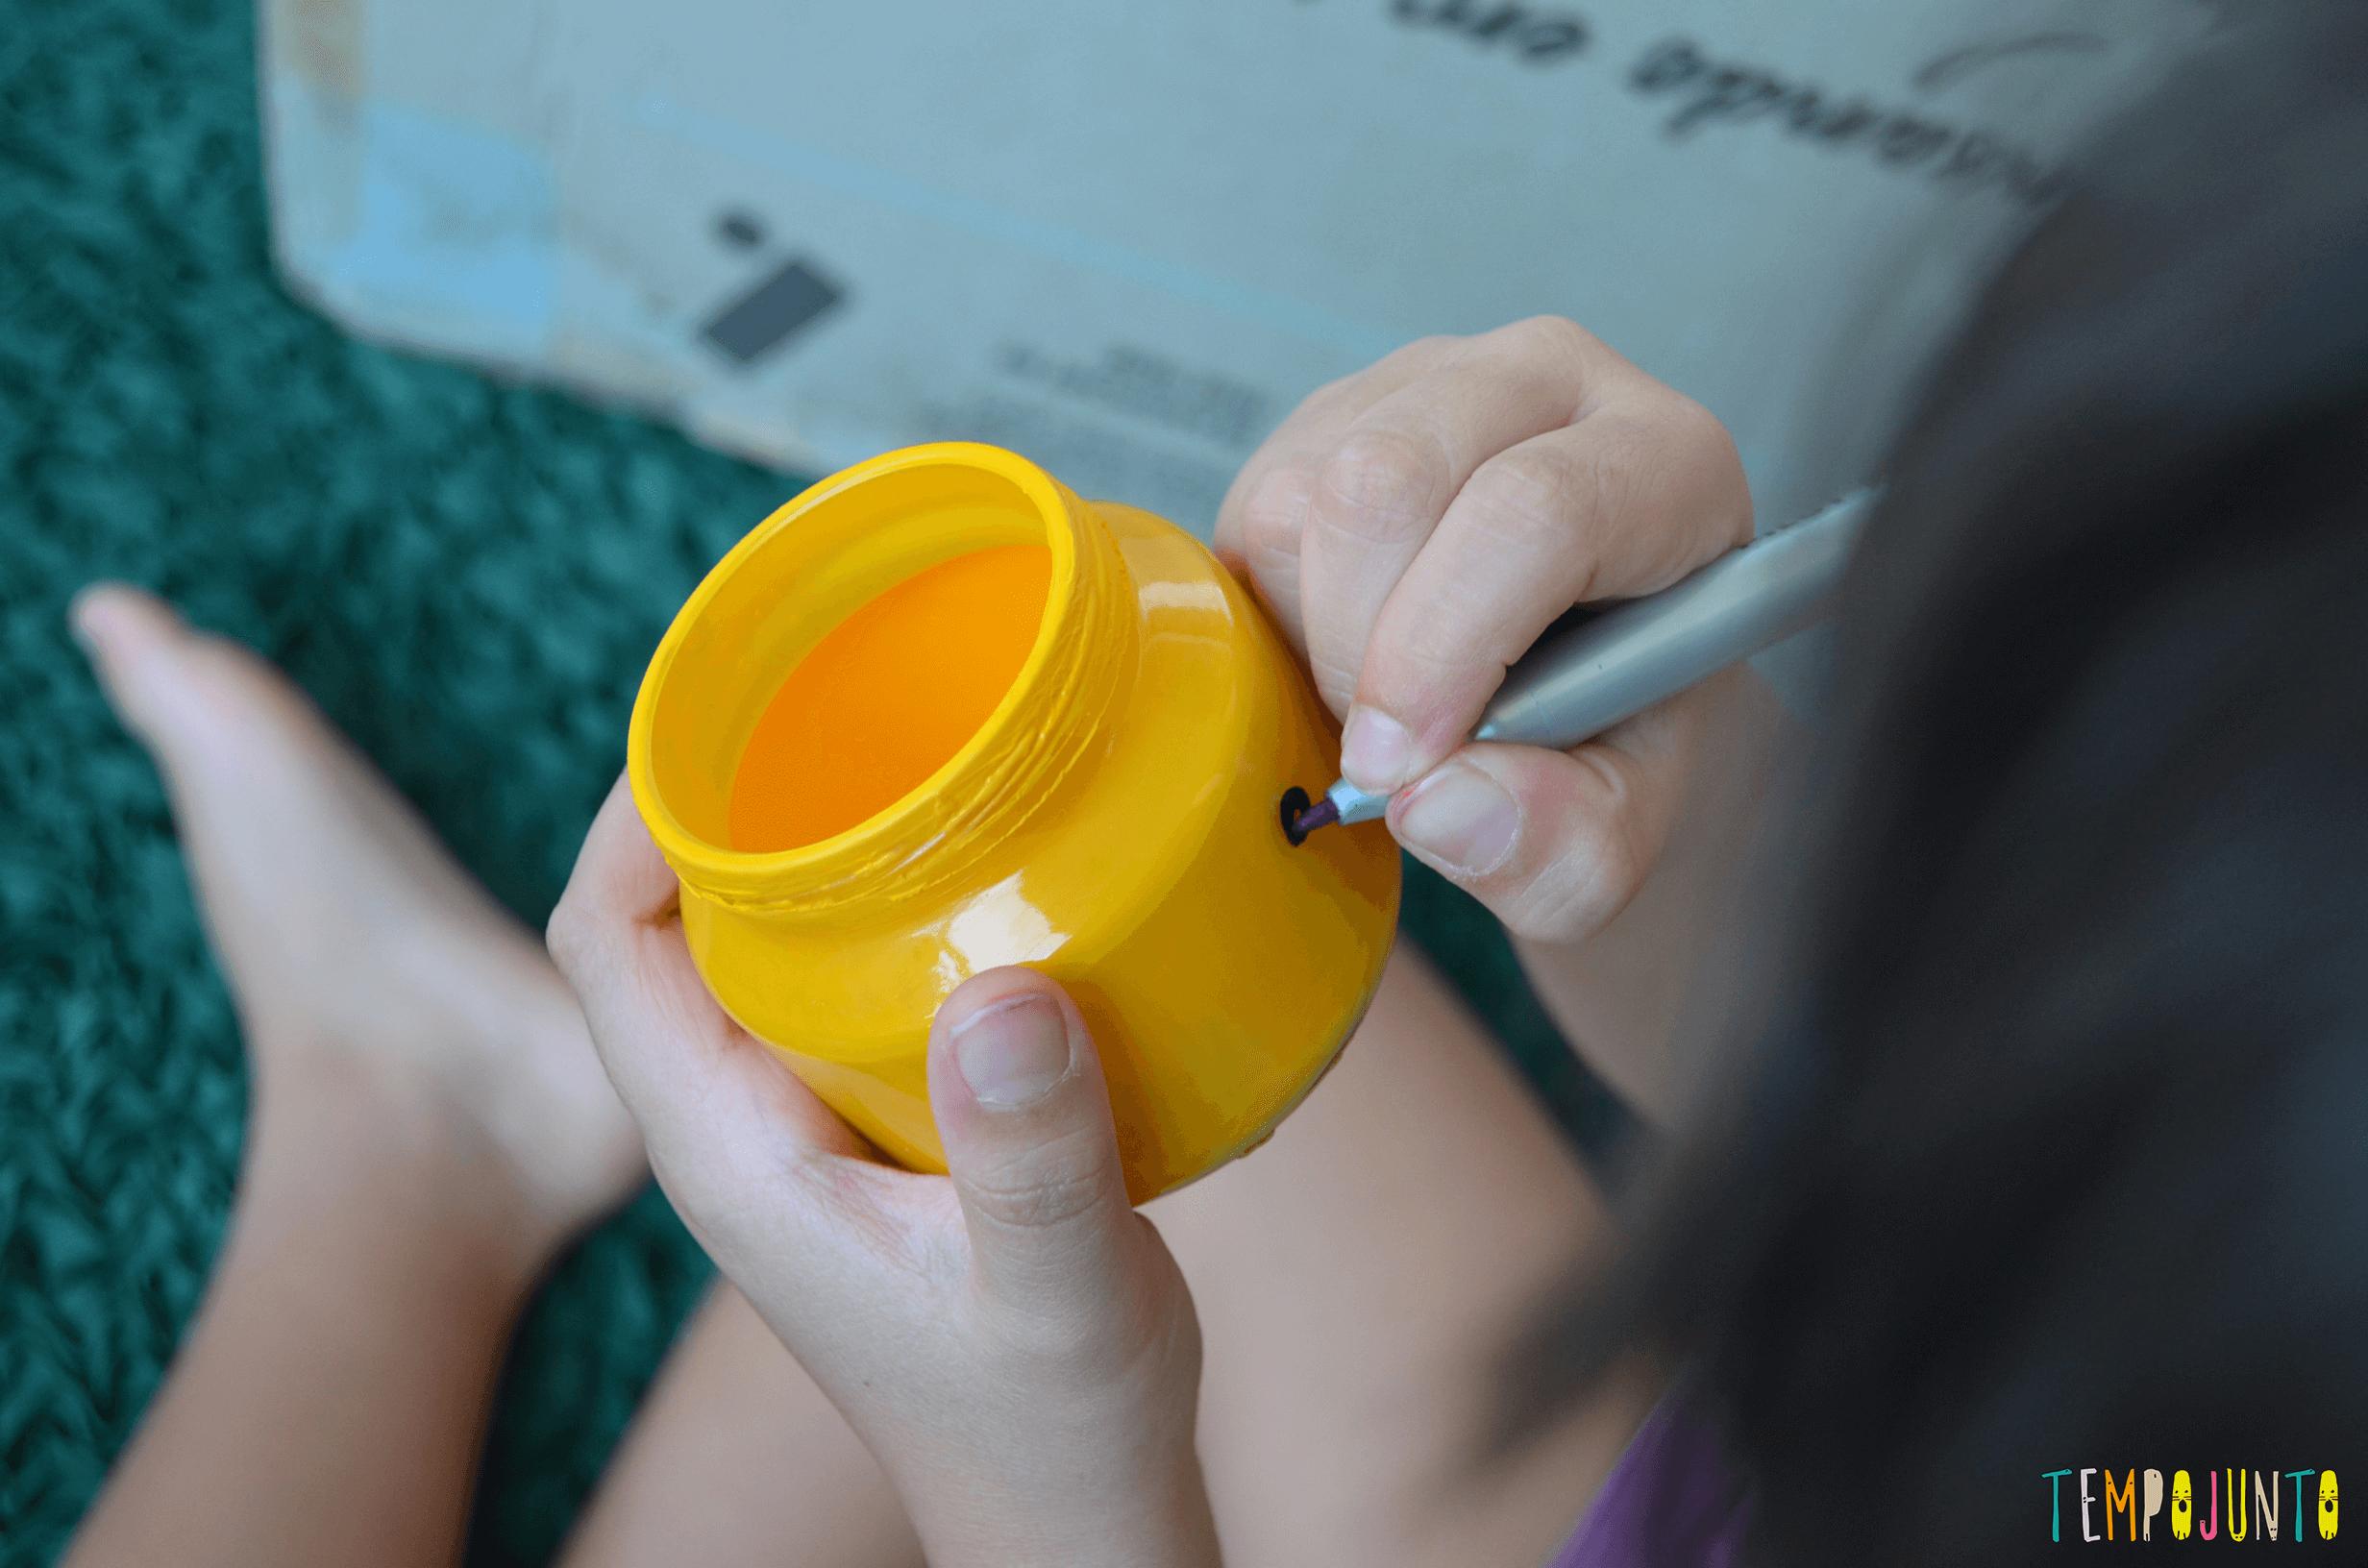 Um porta-treco com cara de Lego simples de fazer - larissa desenhando